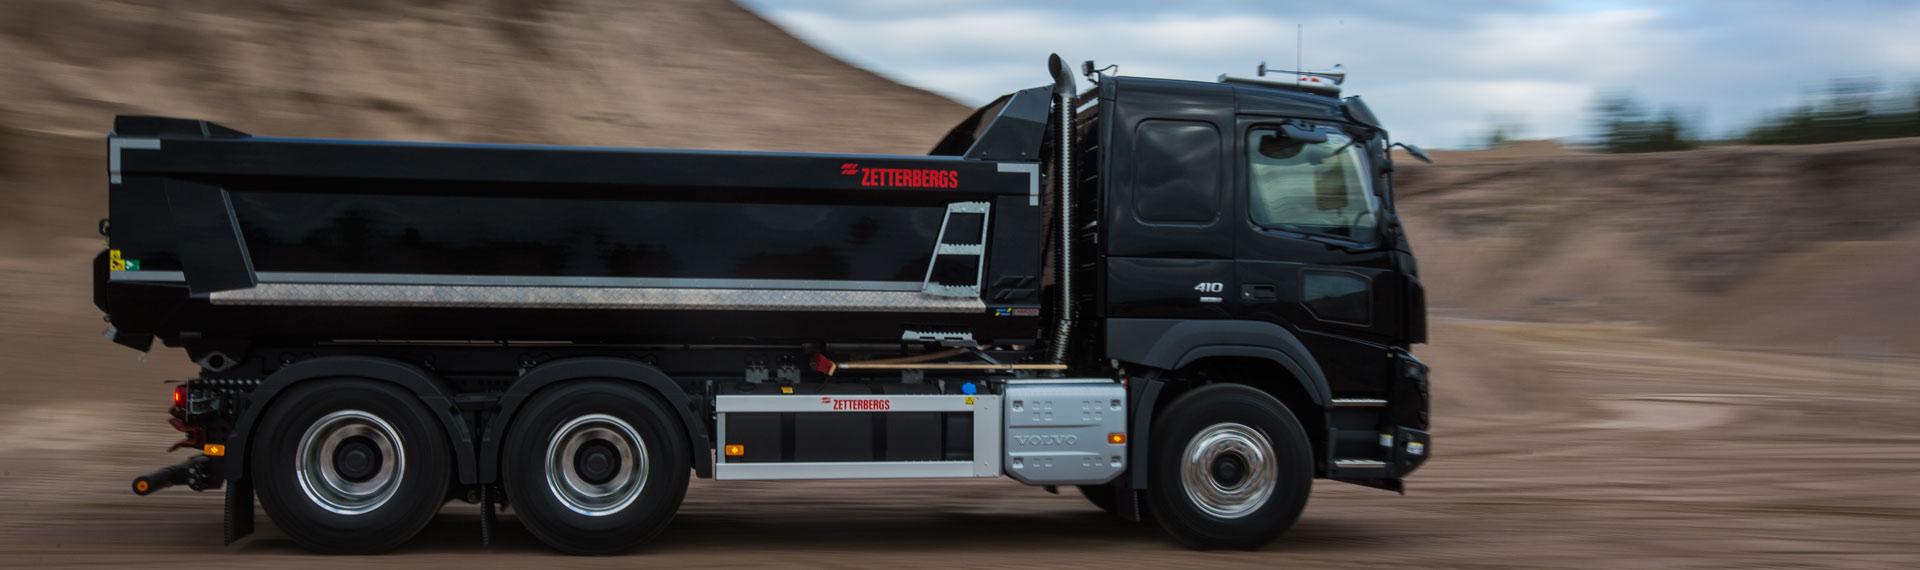 Hardox 500 Tuf konik yan panel tasarımlı damperli kamyon